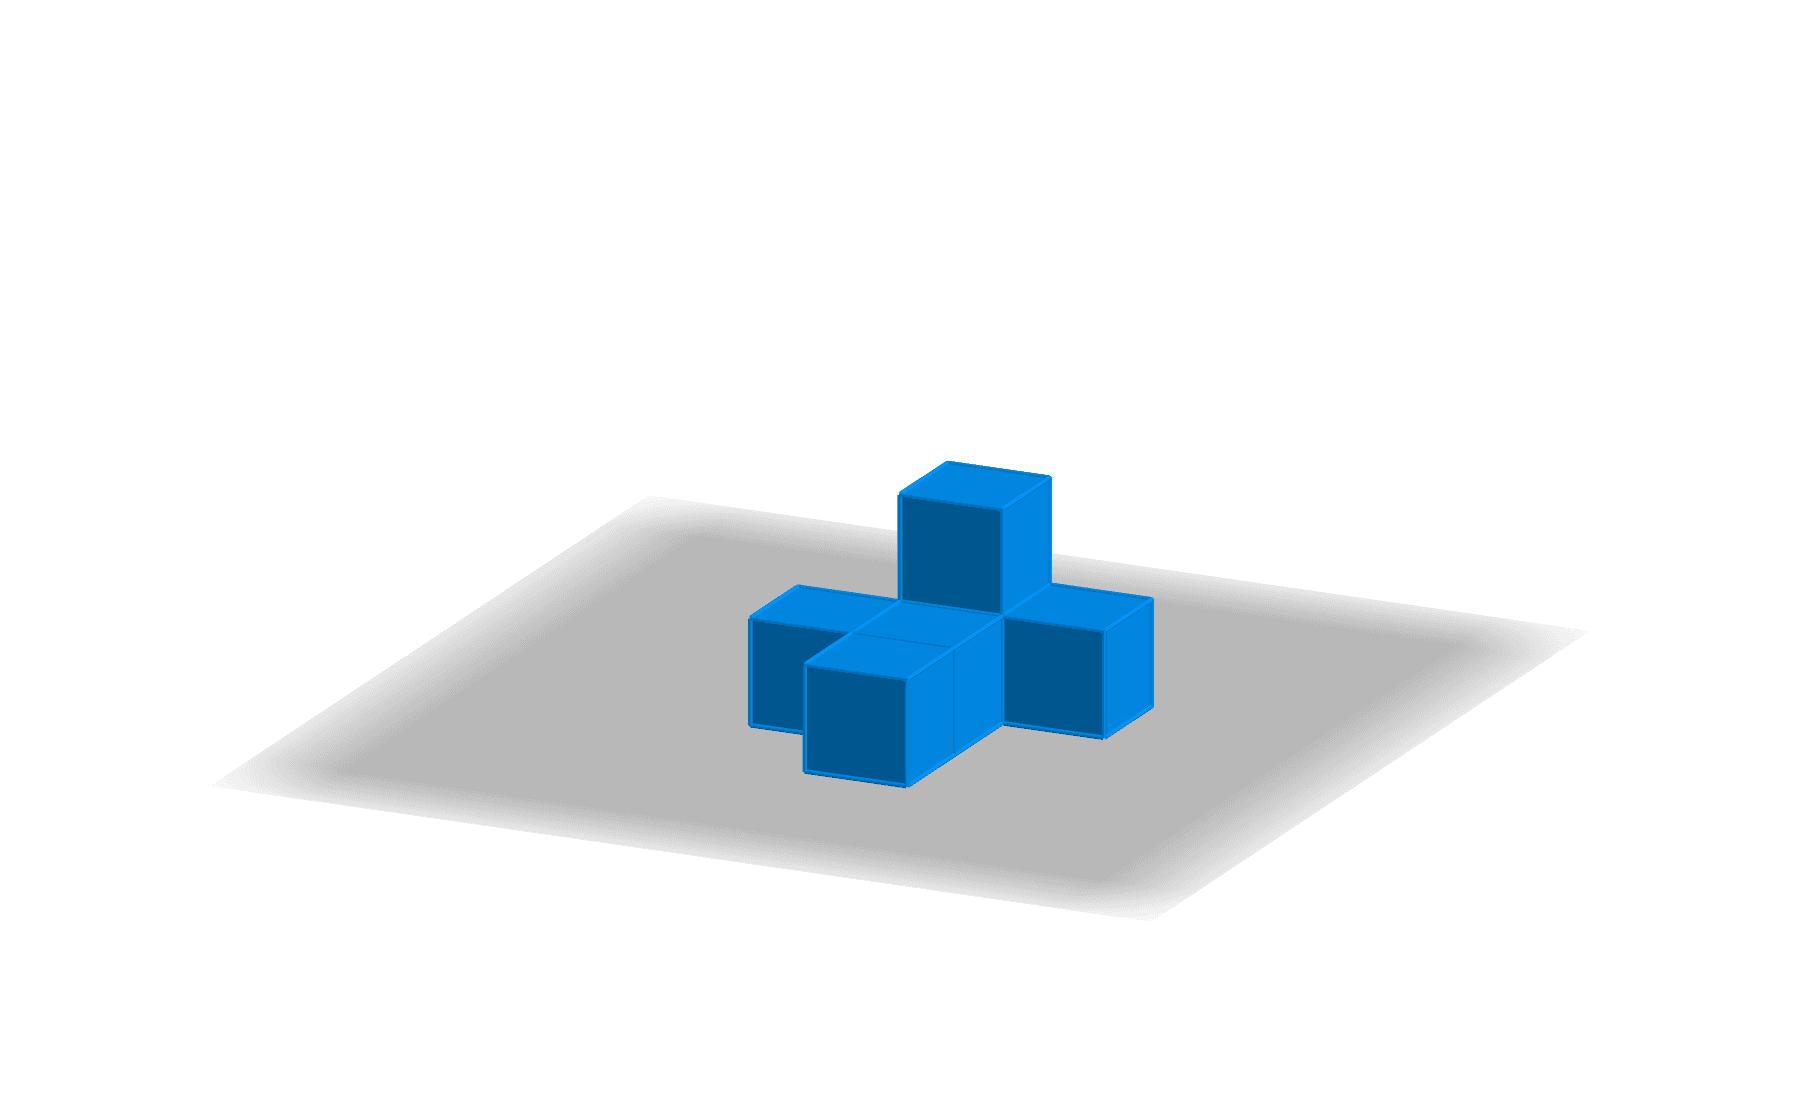 """Utiliser le bouton droit de la souris pour faire pivoter le solide et observer les différentes vues de ce solide. Tapez """"Entrée"""" pour démarrer l'activité"""